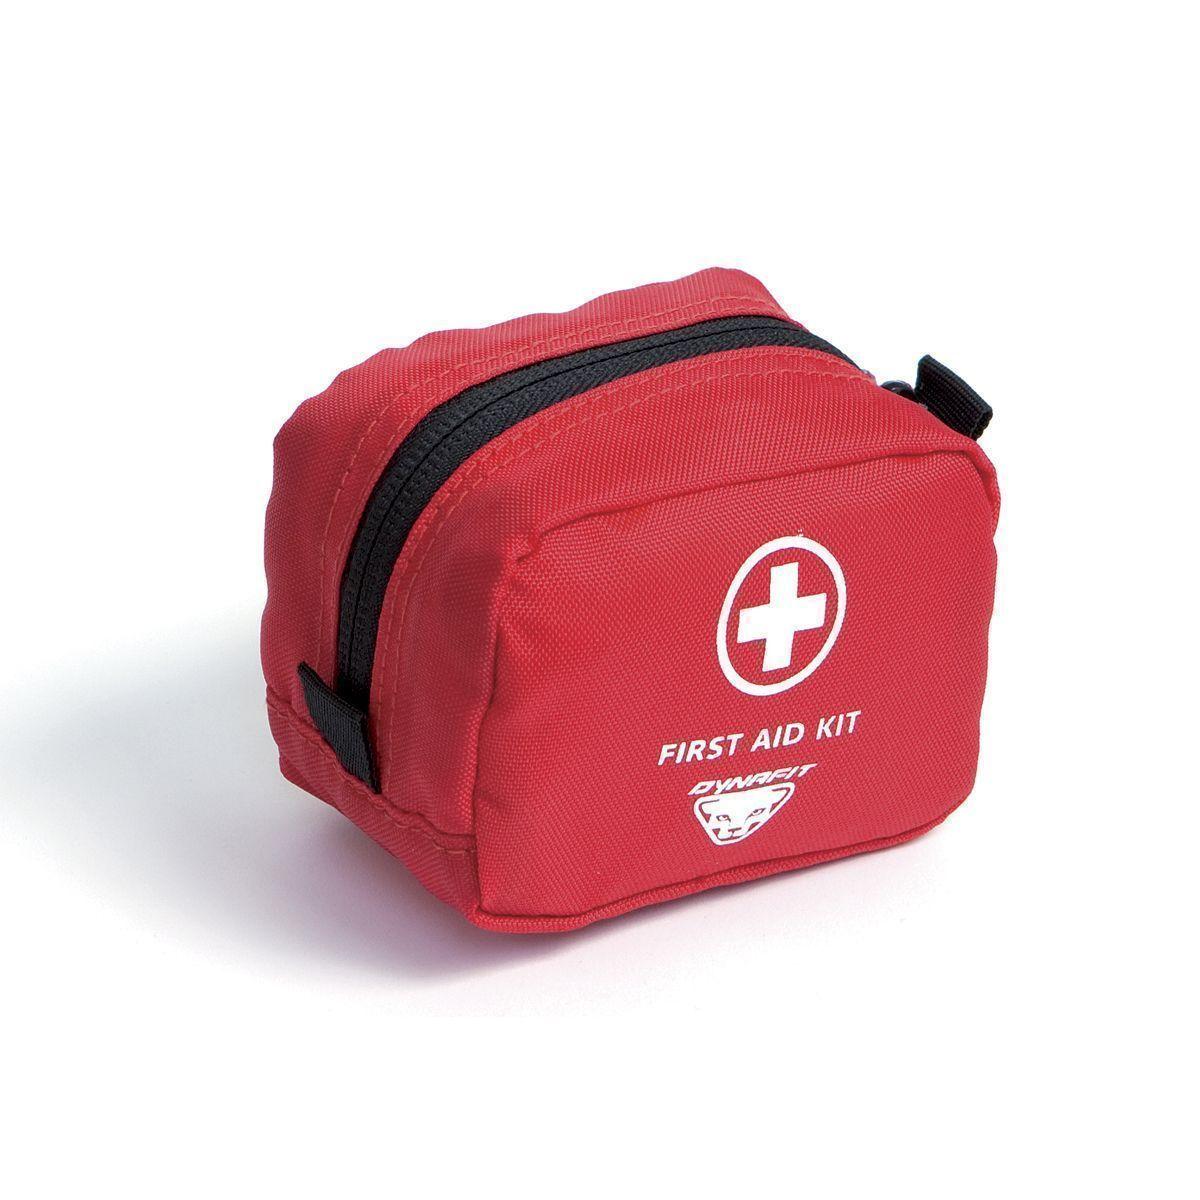 #NoOlvidesEmpacar - ¡En caso de emergencia rompa el kit de primeros auxilios!